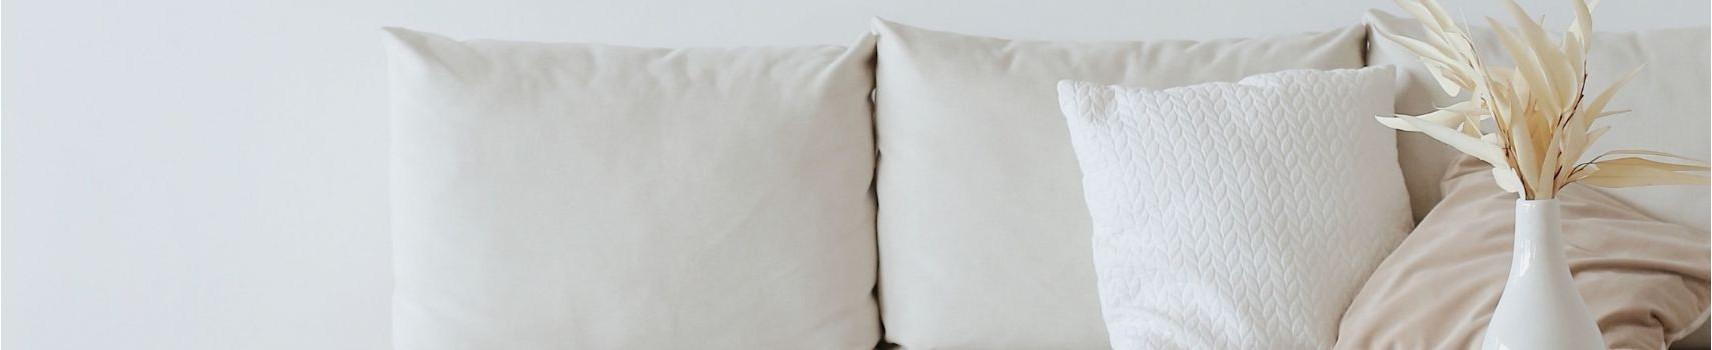 Linge de lit : Housse de couette, drap housse, parure de lit |Yesdeko